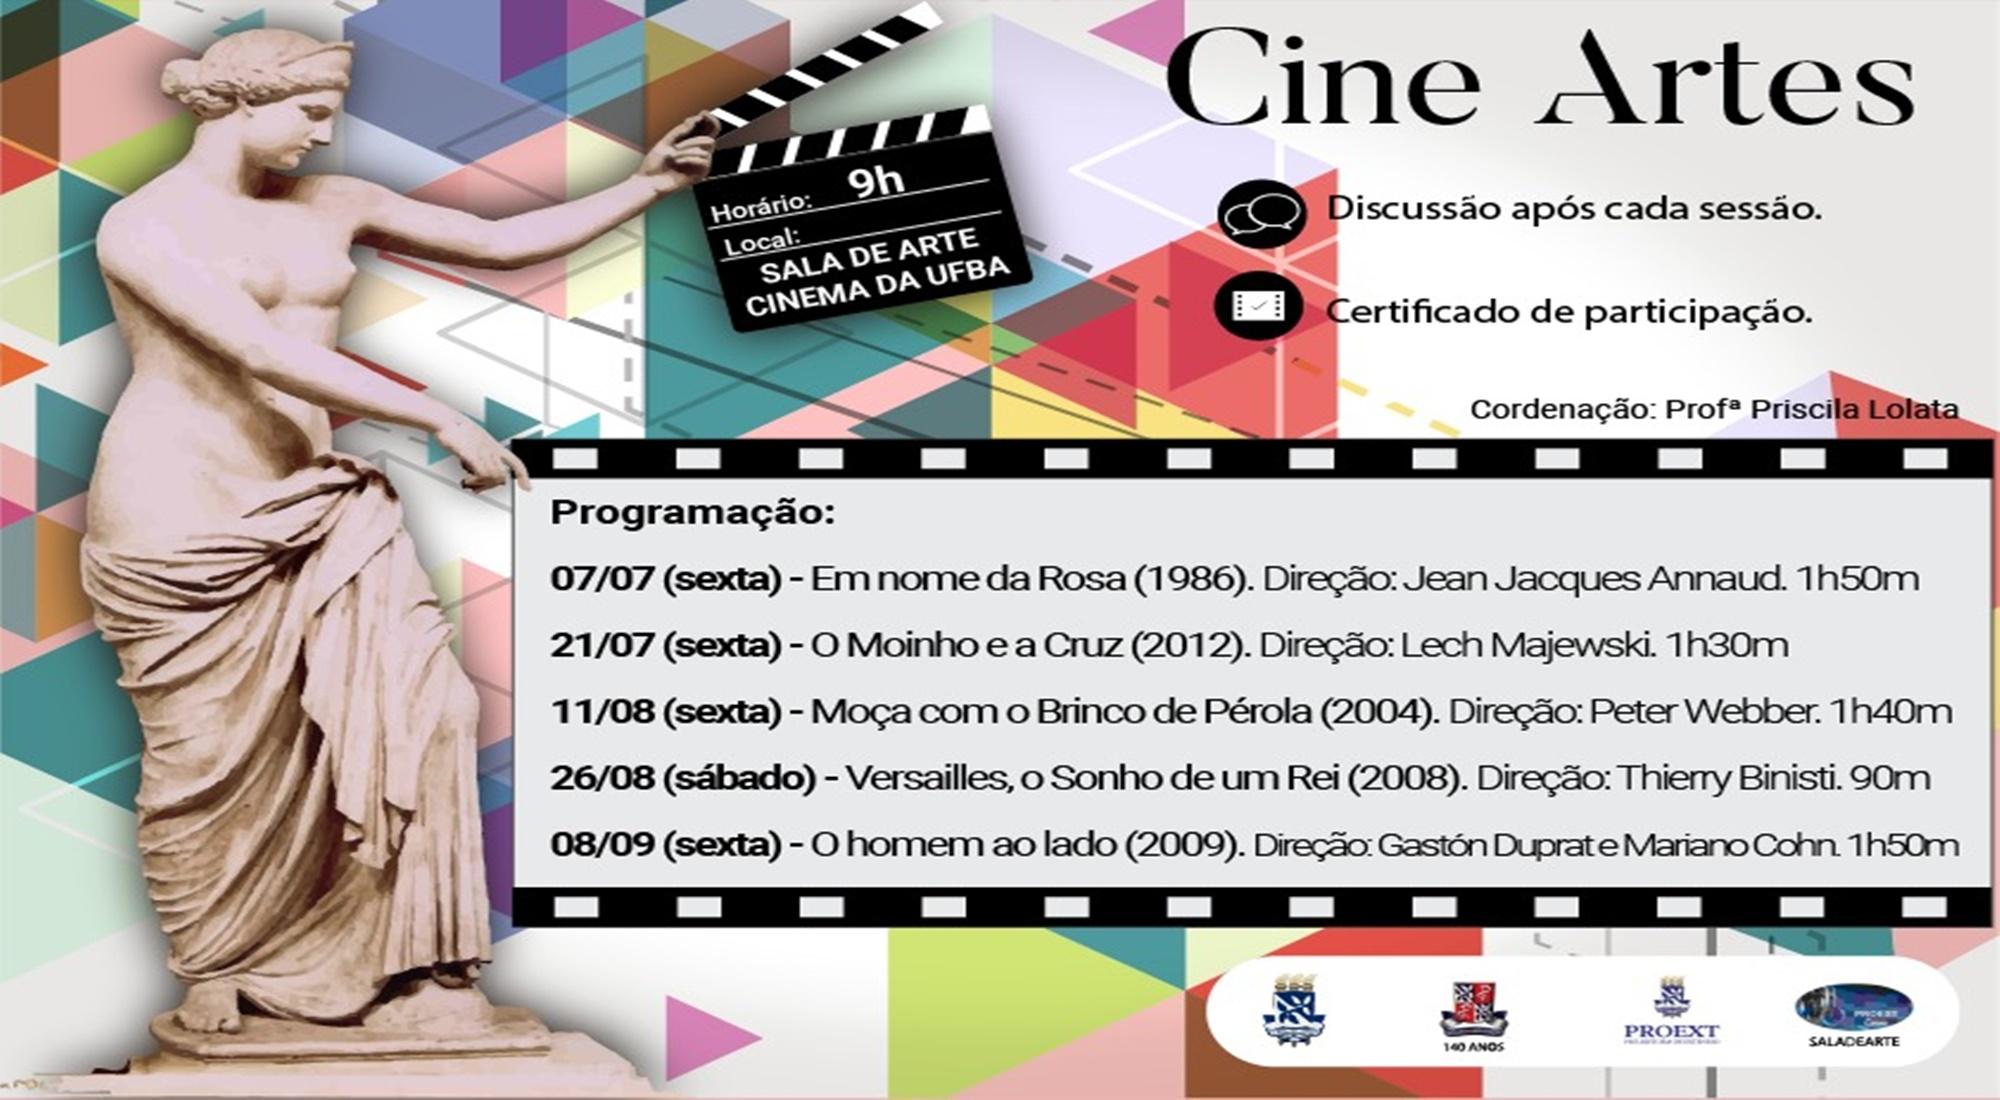 O Projeto Cine Artes Promove Mostra Fílmica Sobre a História do Design e da Arte